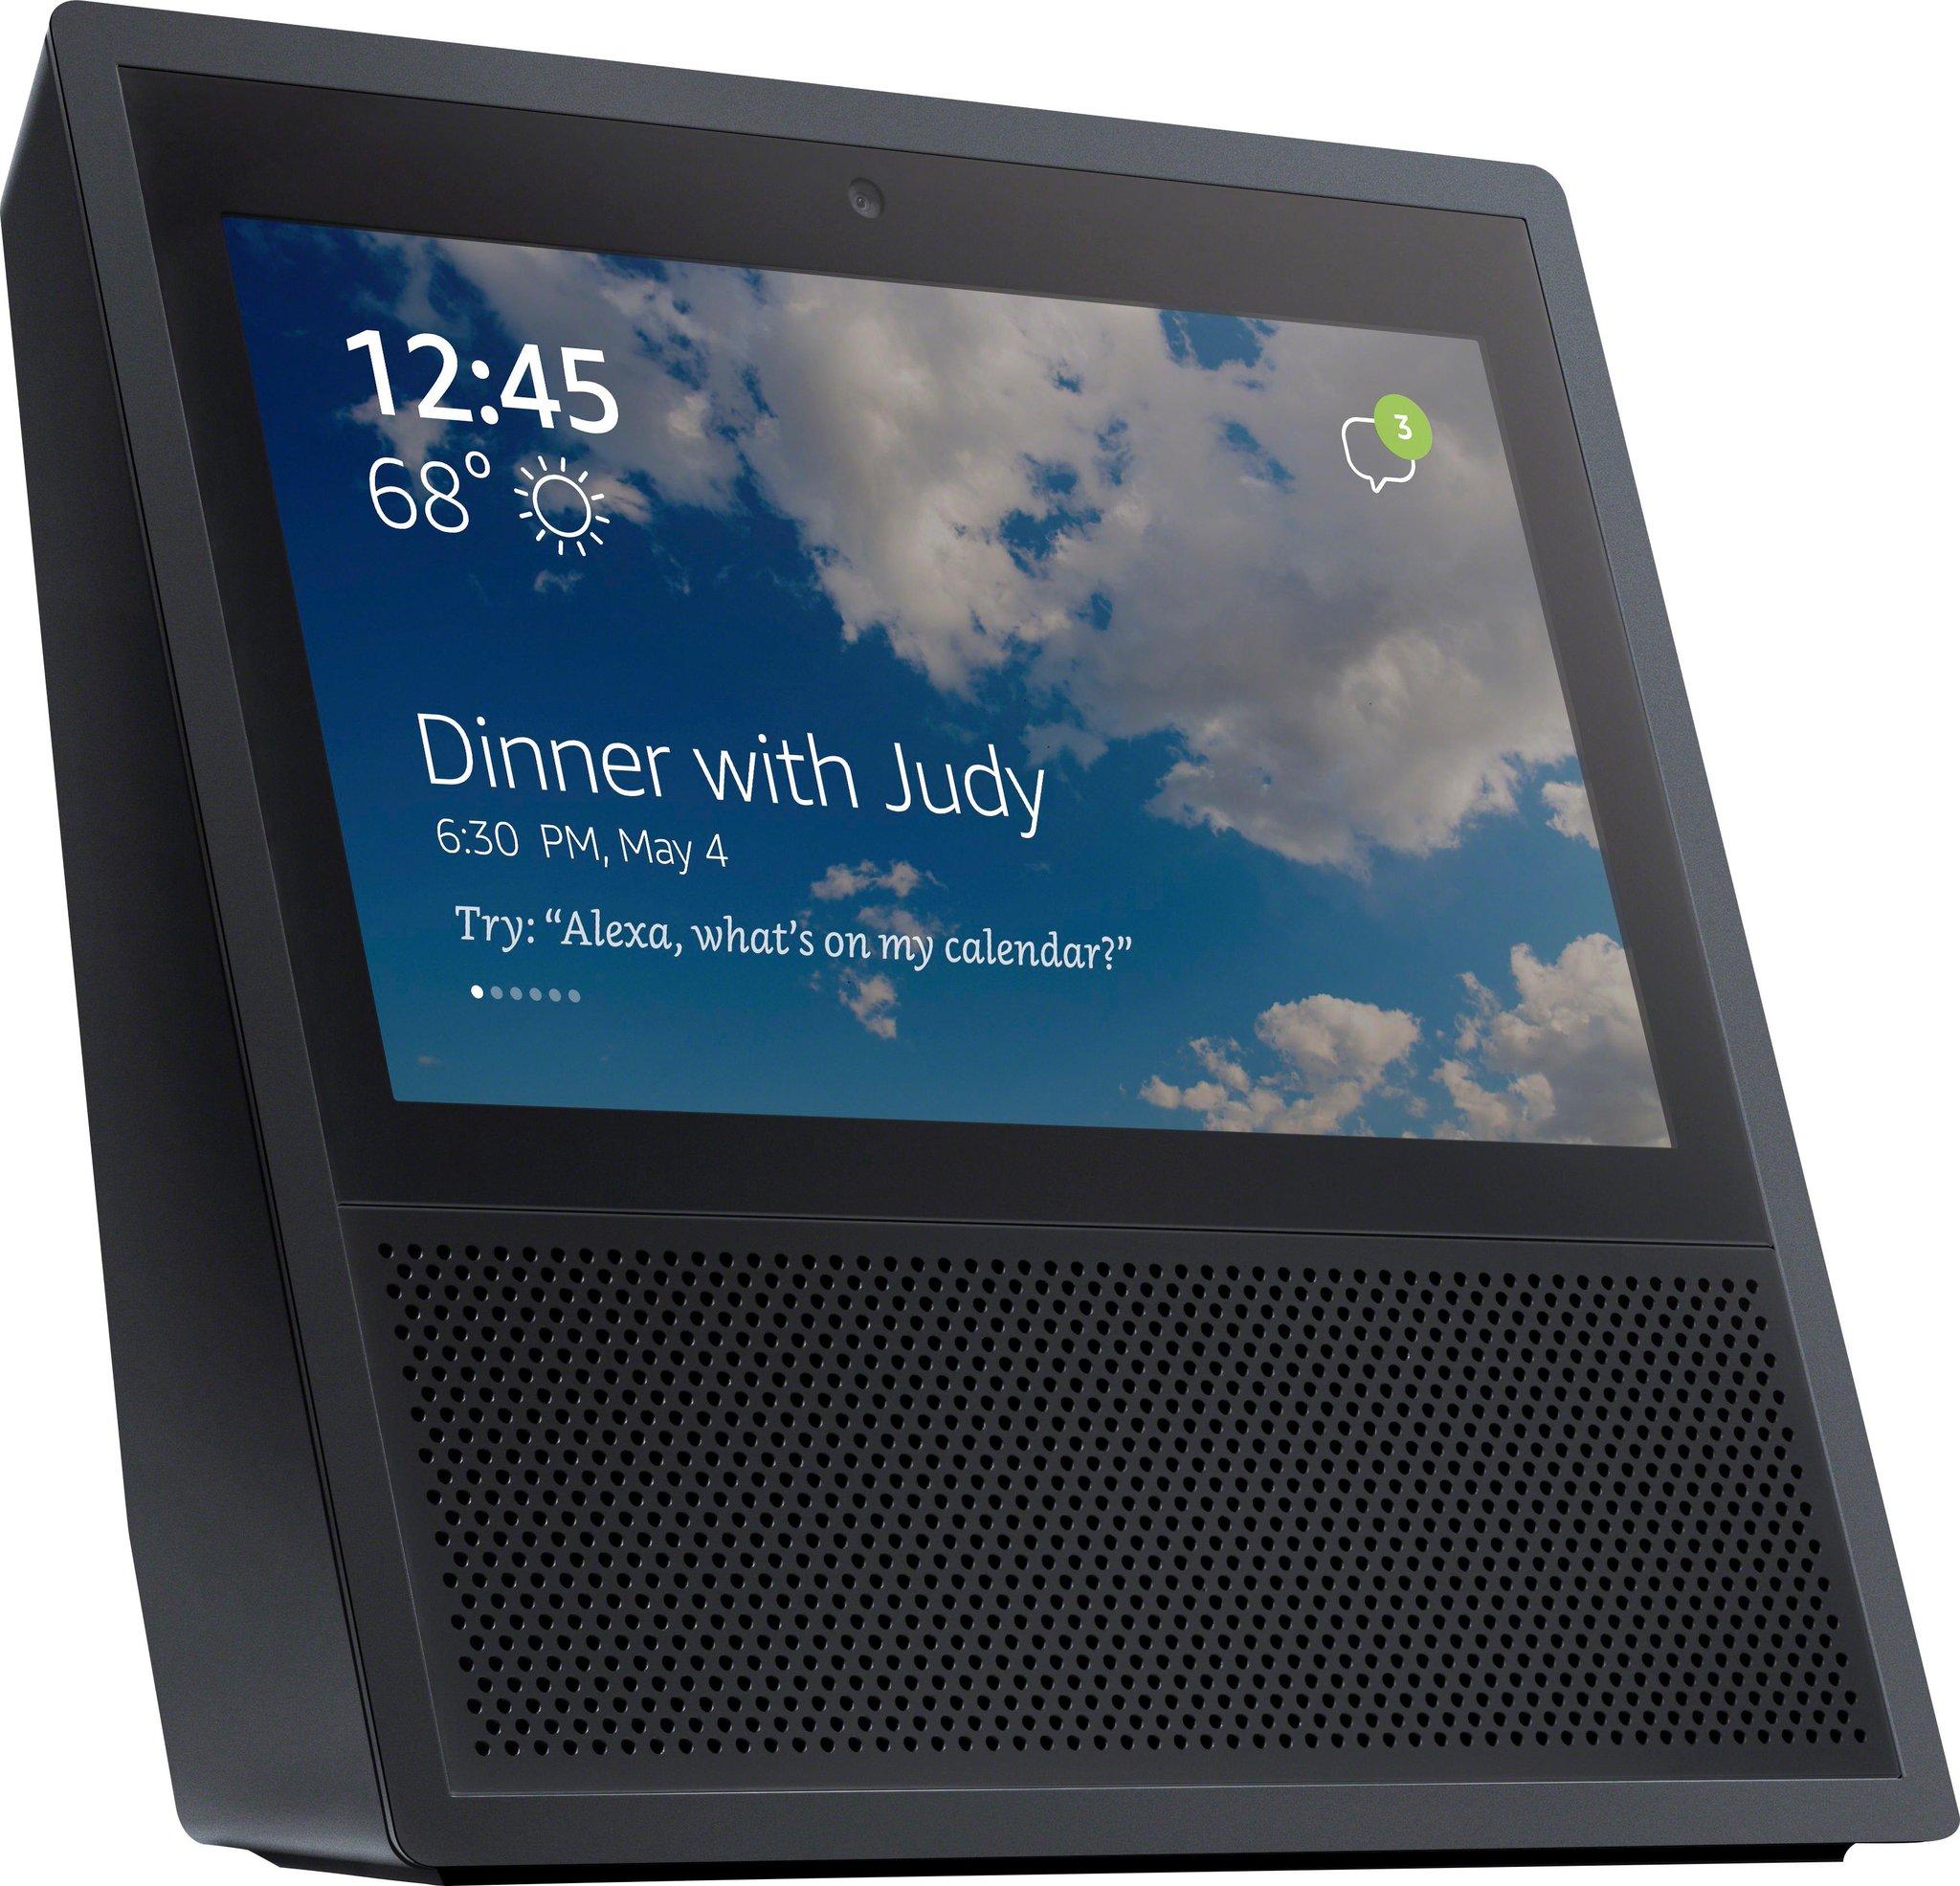 L'Apple TV revient sur Amazon après un retrait de deux ans